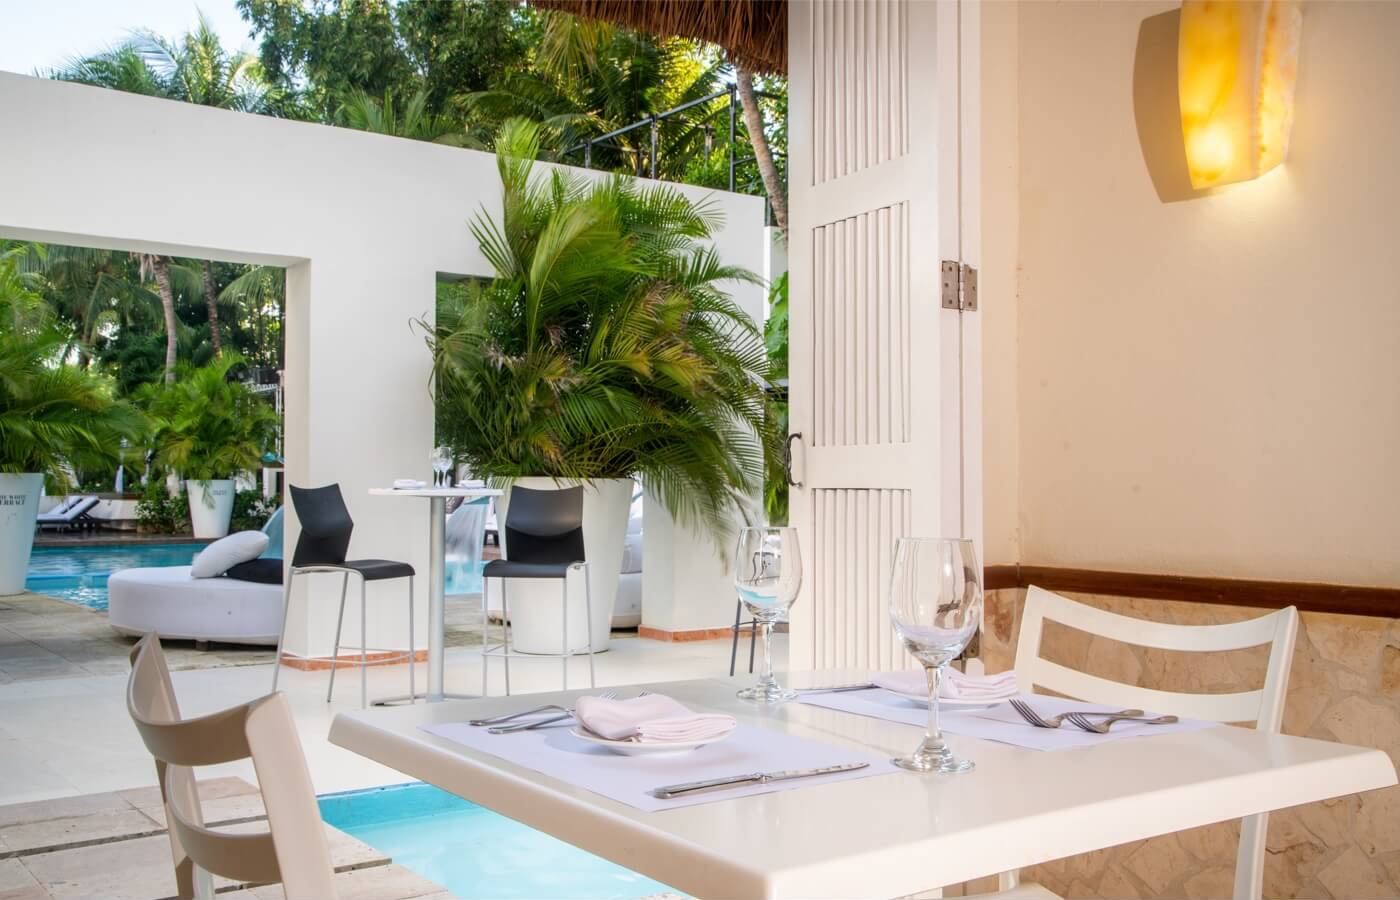 Vista interior de restaurante Dos Lunas con vista a la alberca en Smart Cancun by Oasis